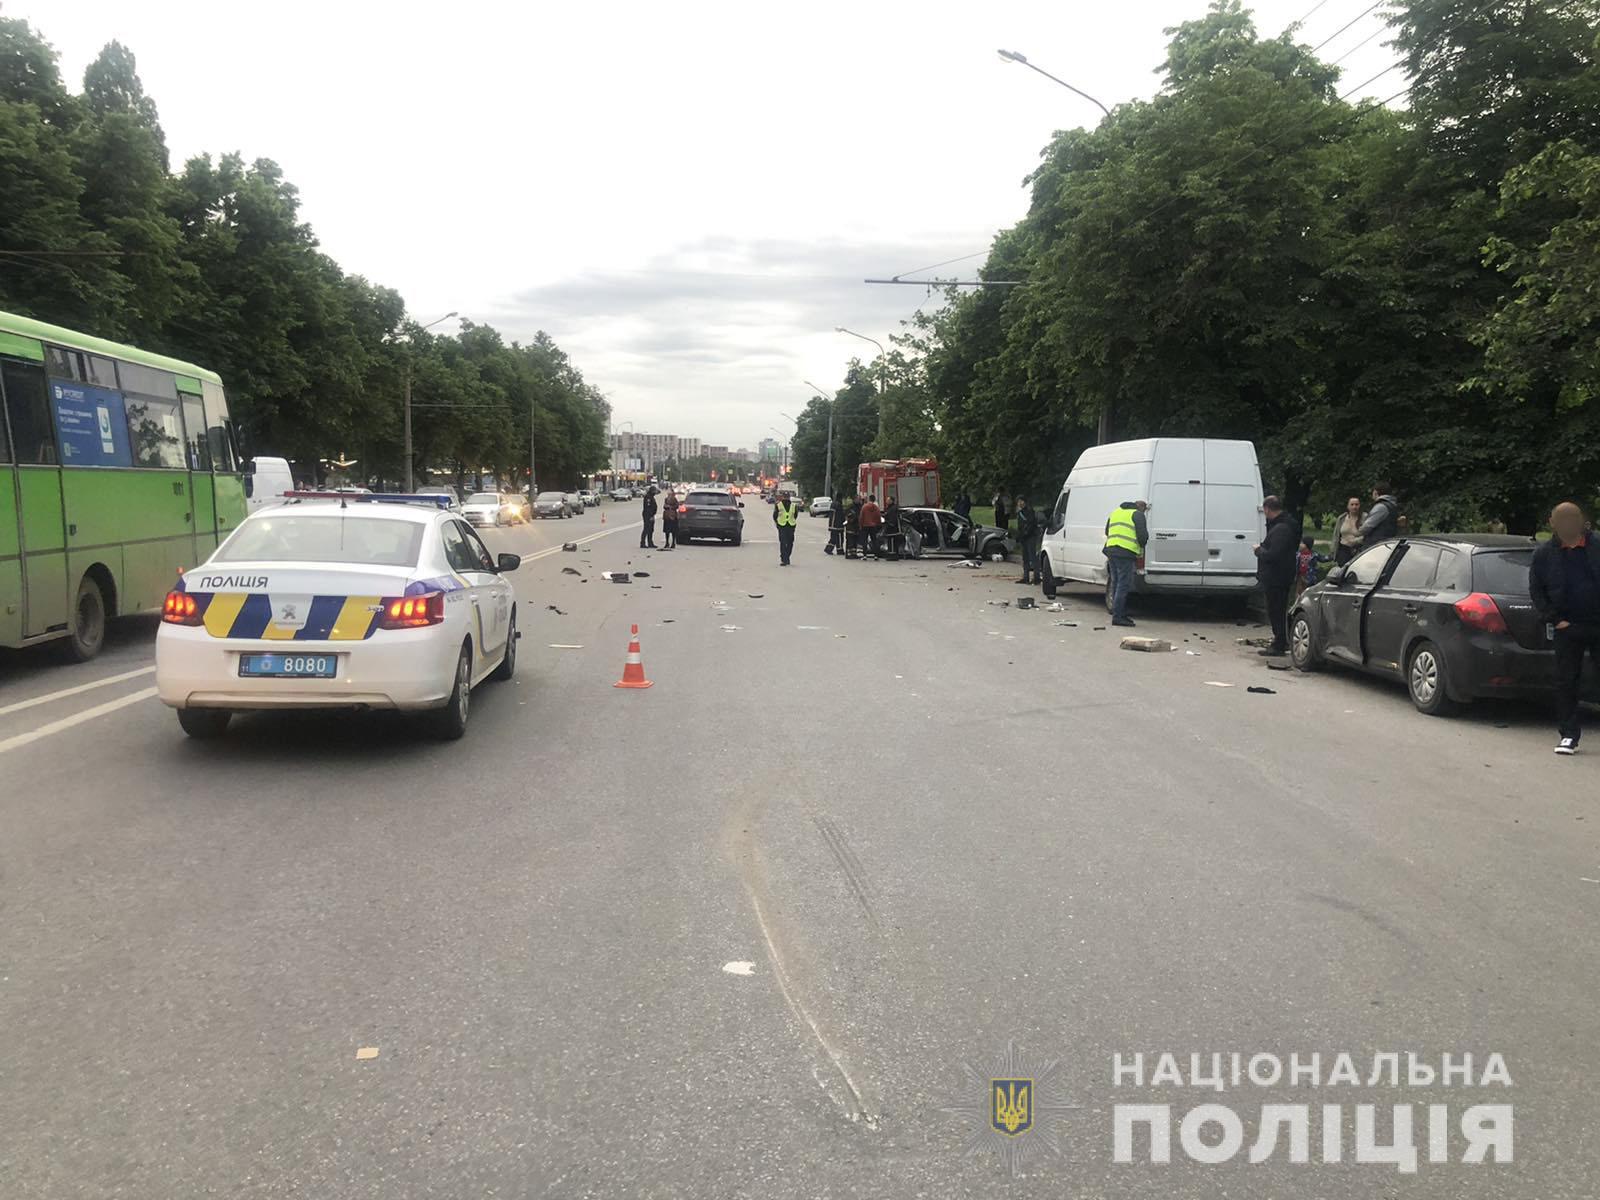 Полиция разыскивает свидетелей смертельного ДТП в Харькове (фоторепортаж)